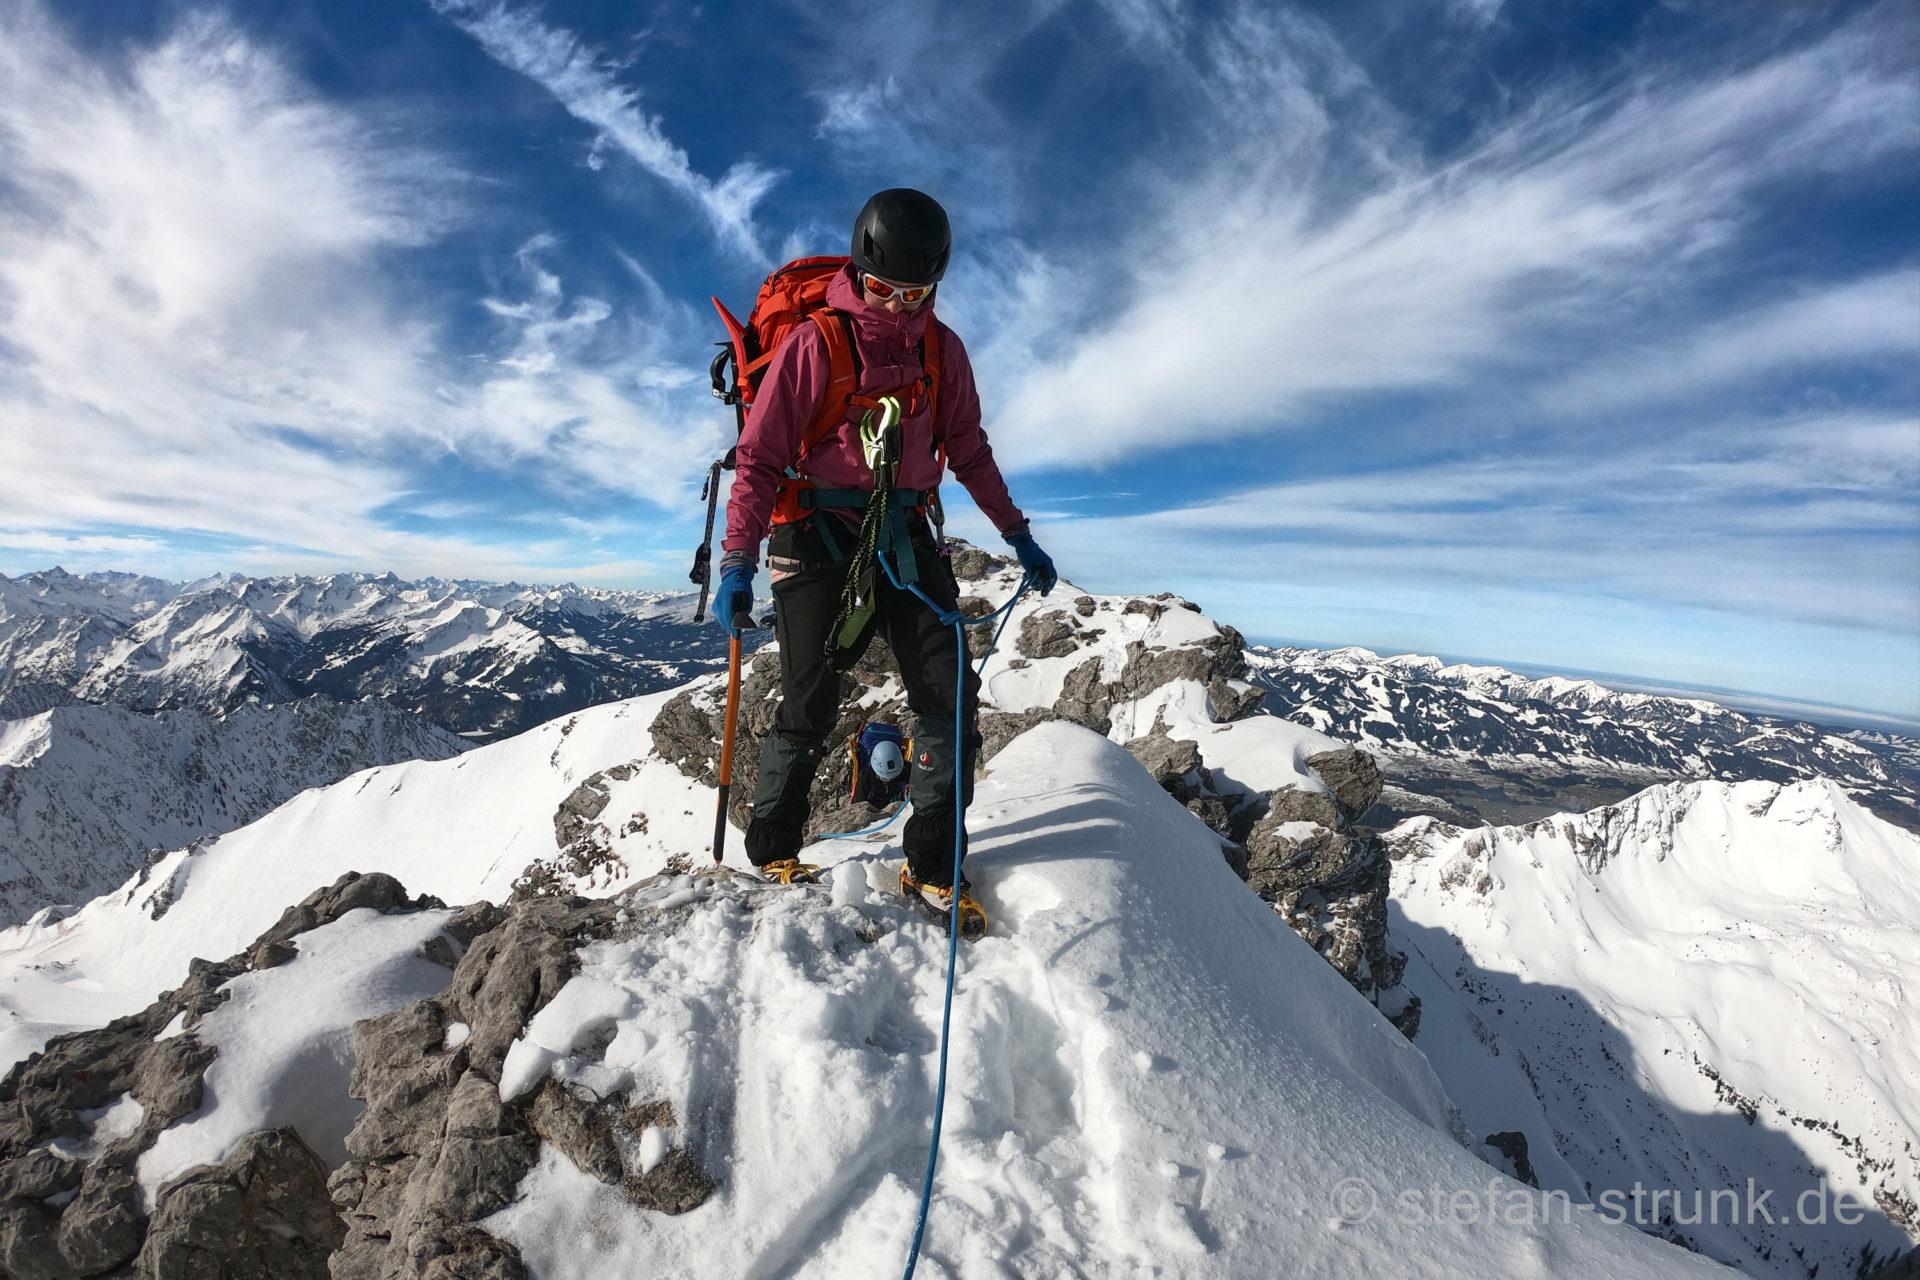 Wintertour Hindelanger Klettersteig